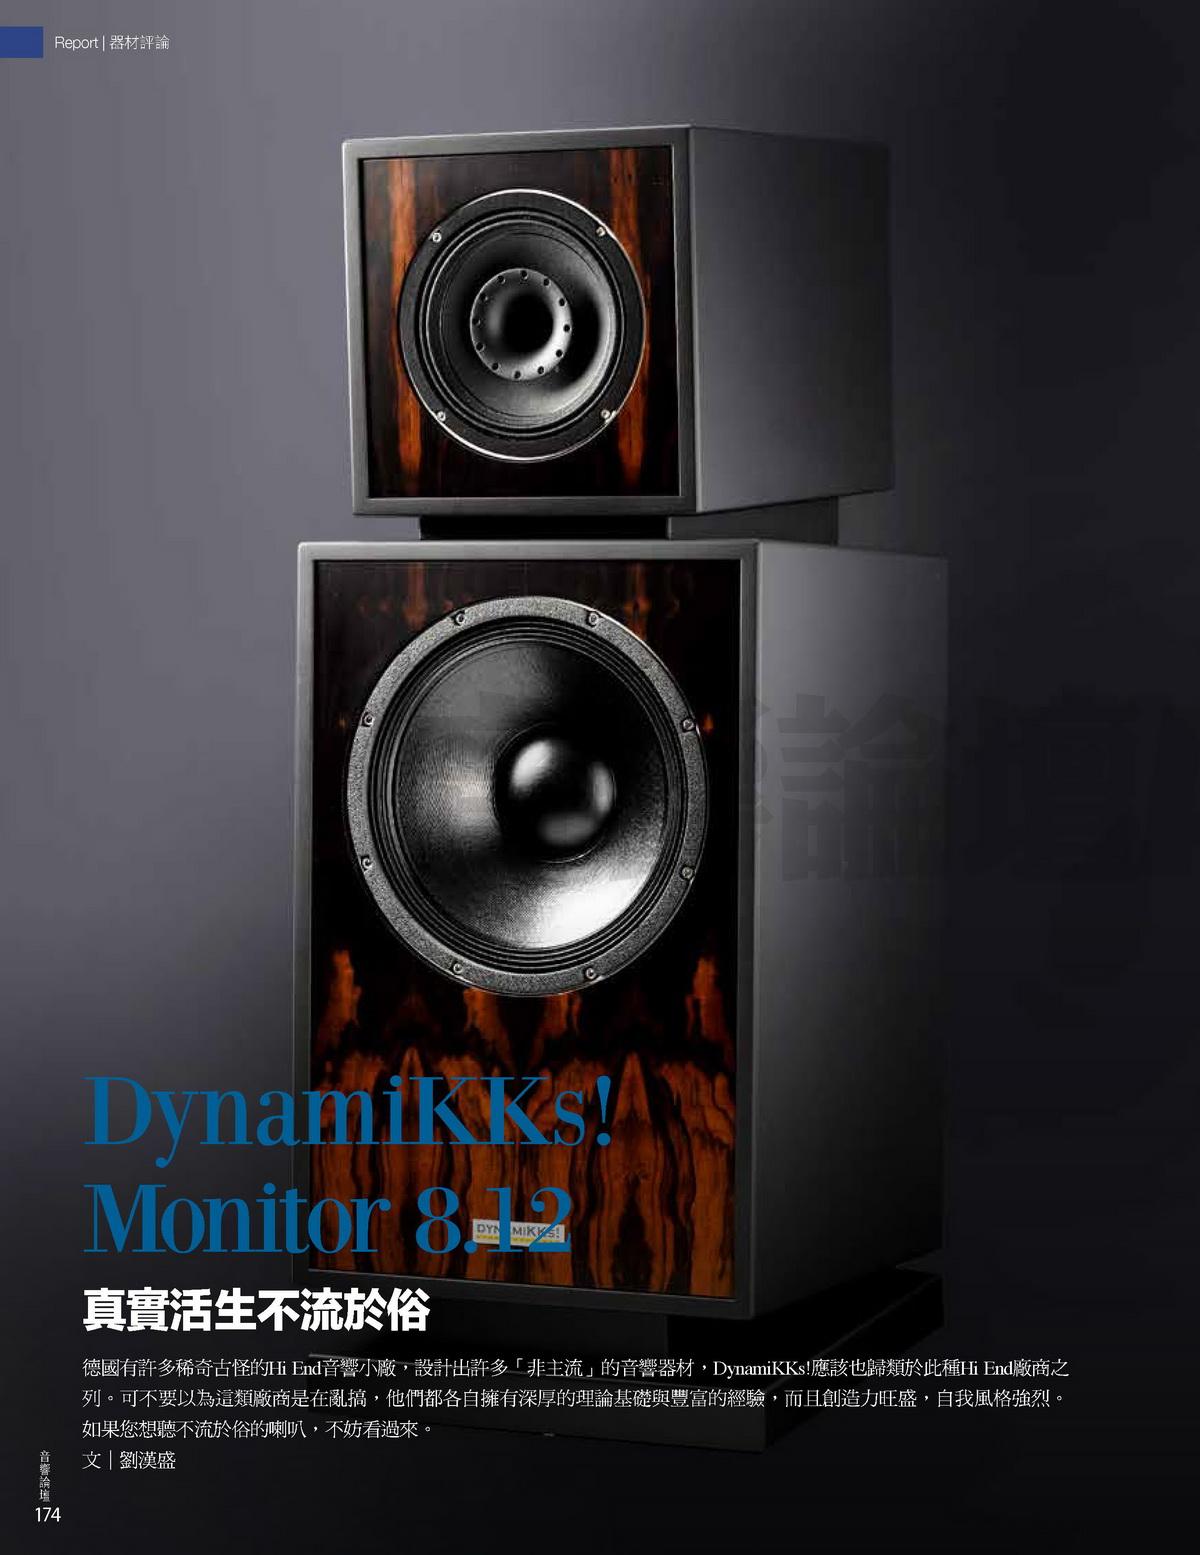 331期DynamiKKs! Monitor 8.12_頁面_1